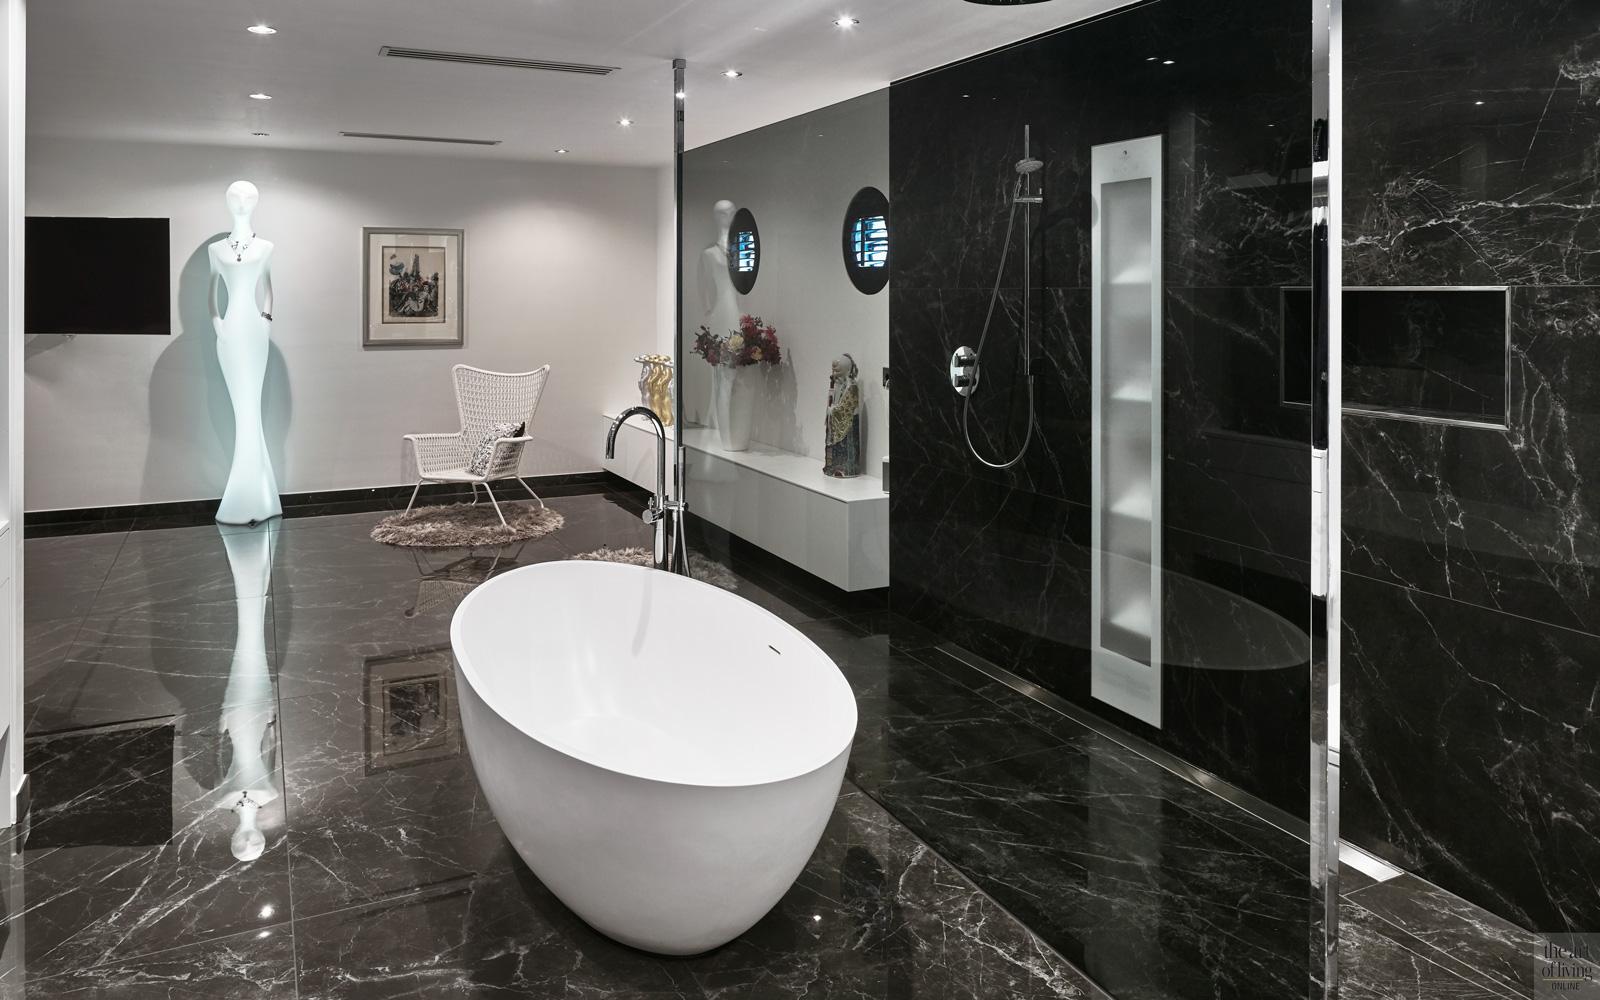 Badkamer, vrijstaand bad, inloopdouche, corian